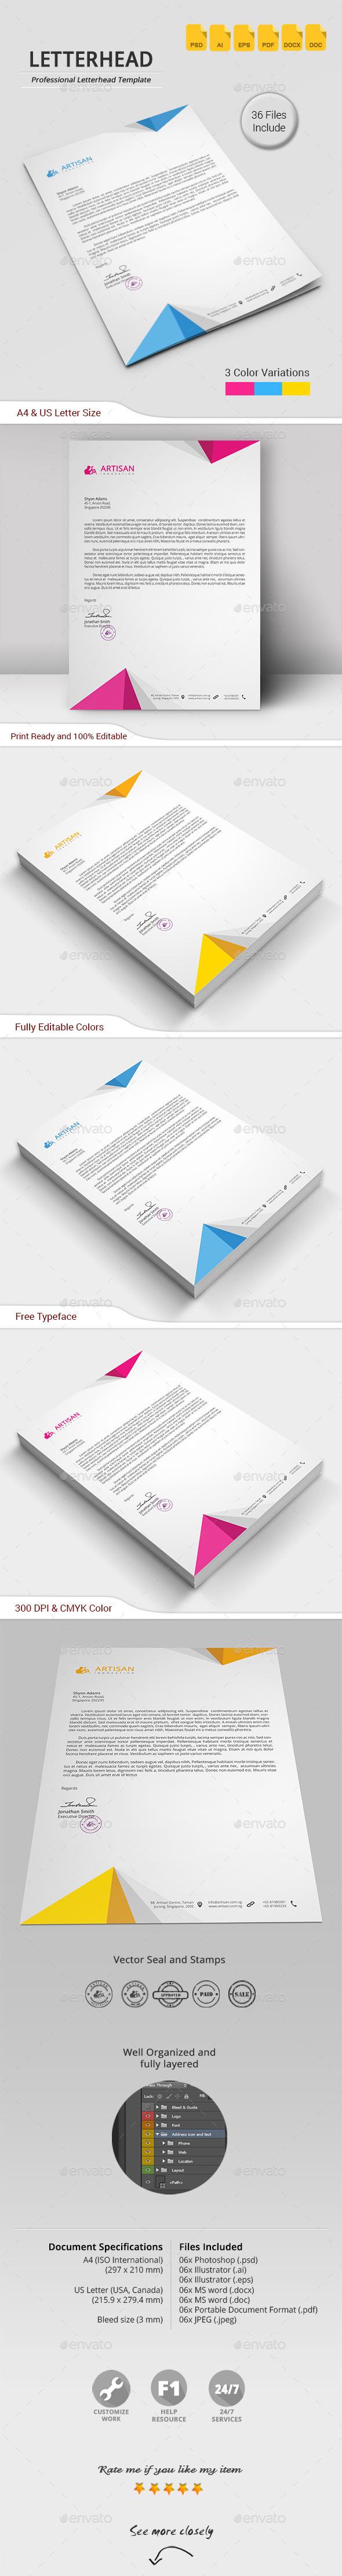 GraphicRiver Letterhead 11860462